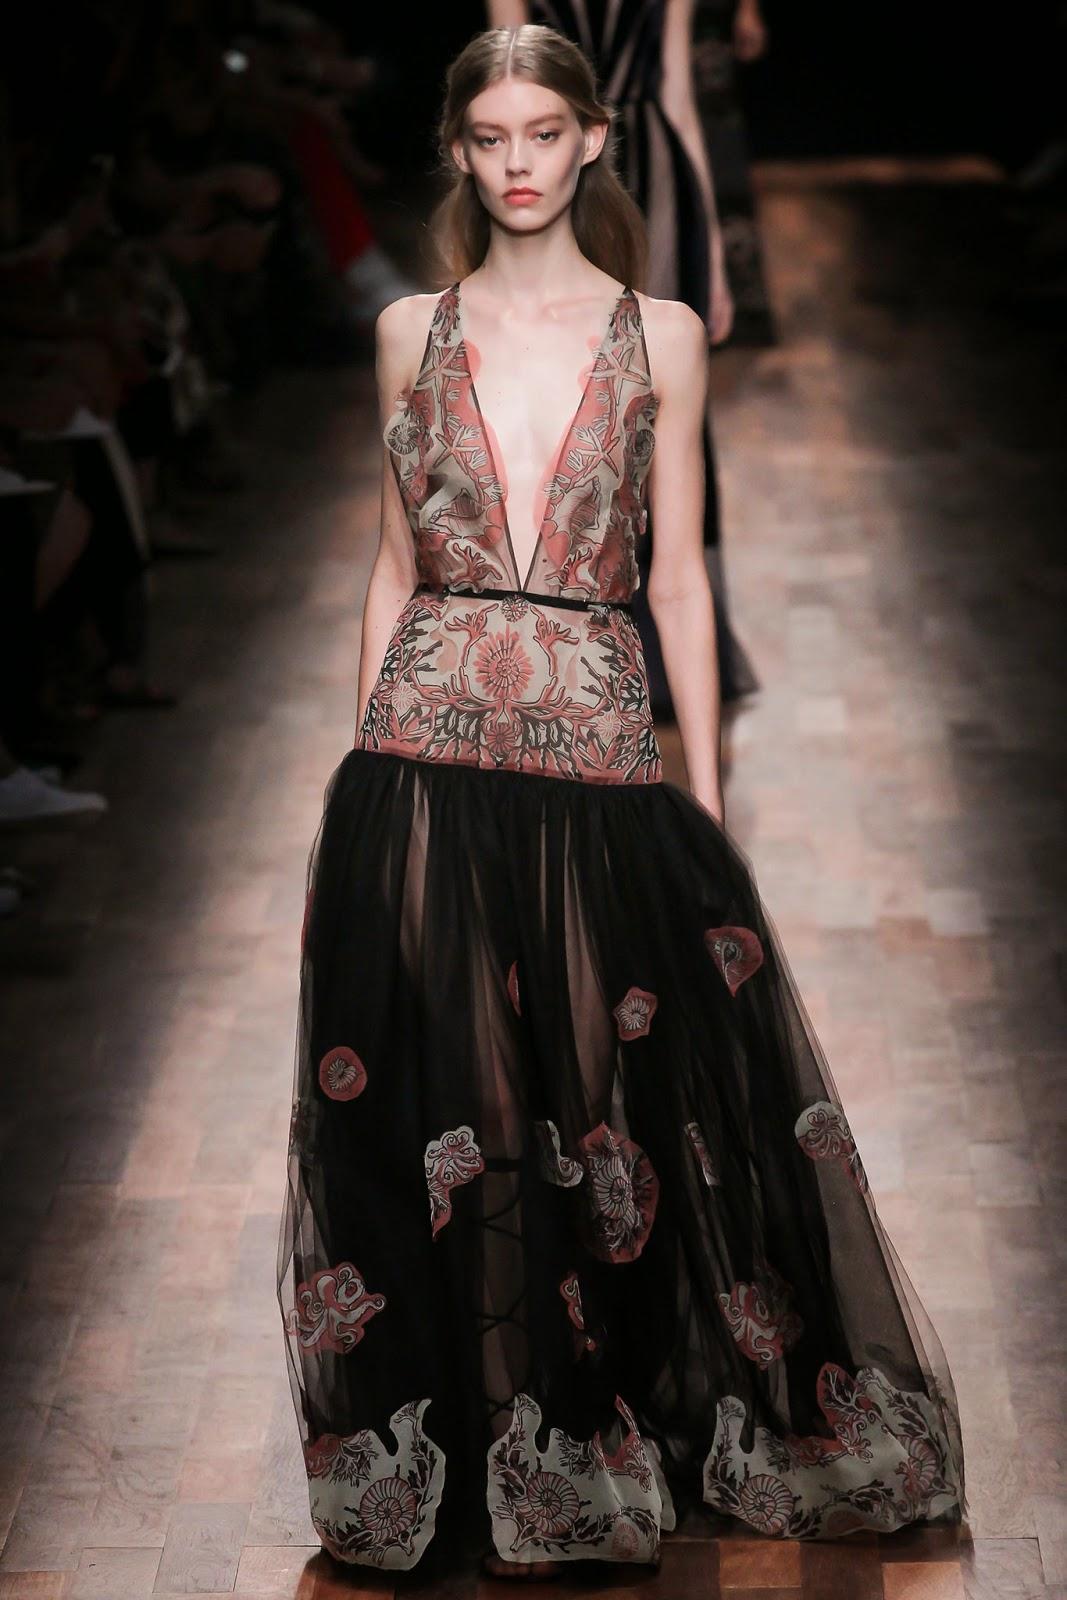 valentino 2015 summer 2016 trend women dress74 Valentino 2015 samling, våren sommaren 2016 Valentino klänning modeller, Valentino kväll klänning nya säsongen kvinnors kjolar modeller